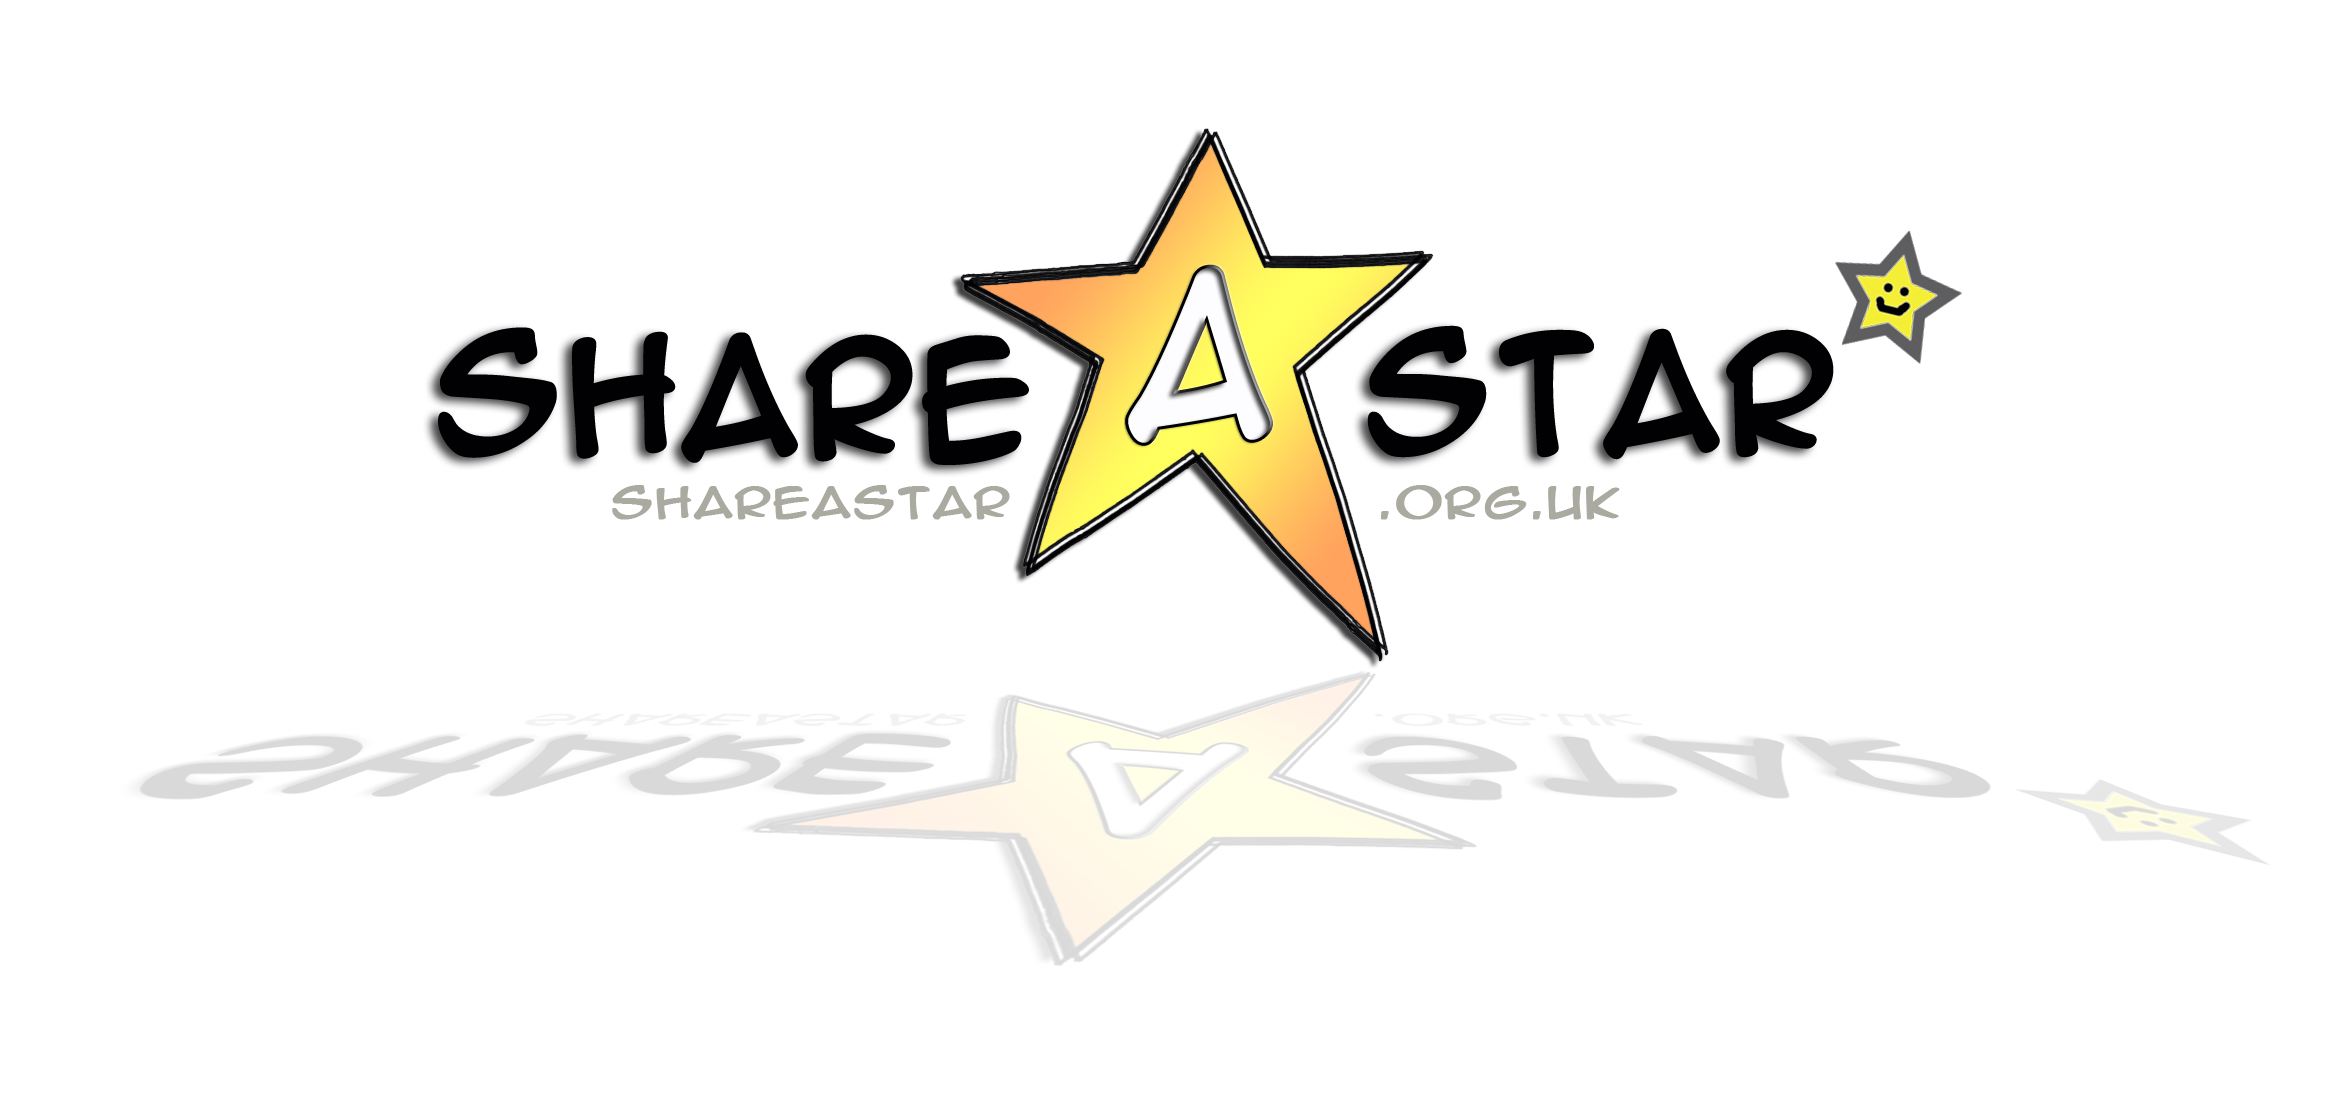 shareastar